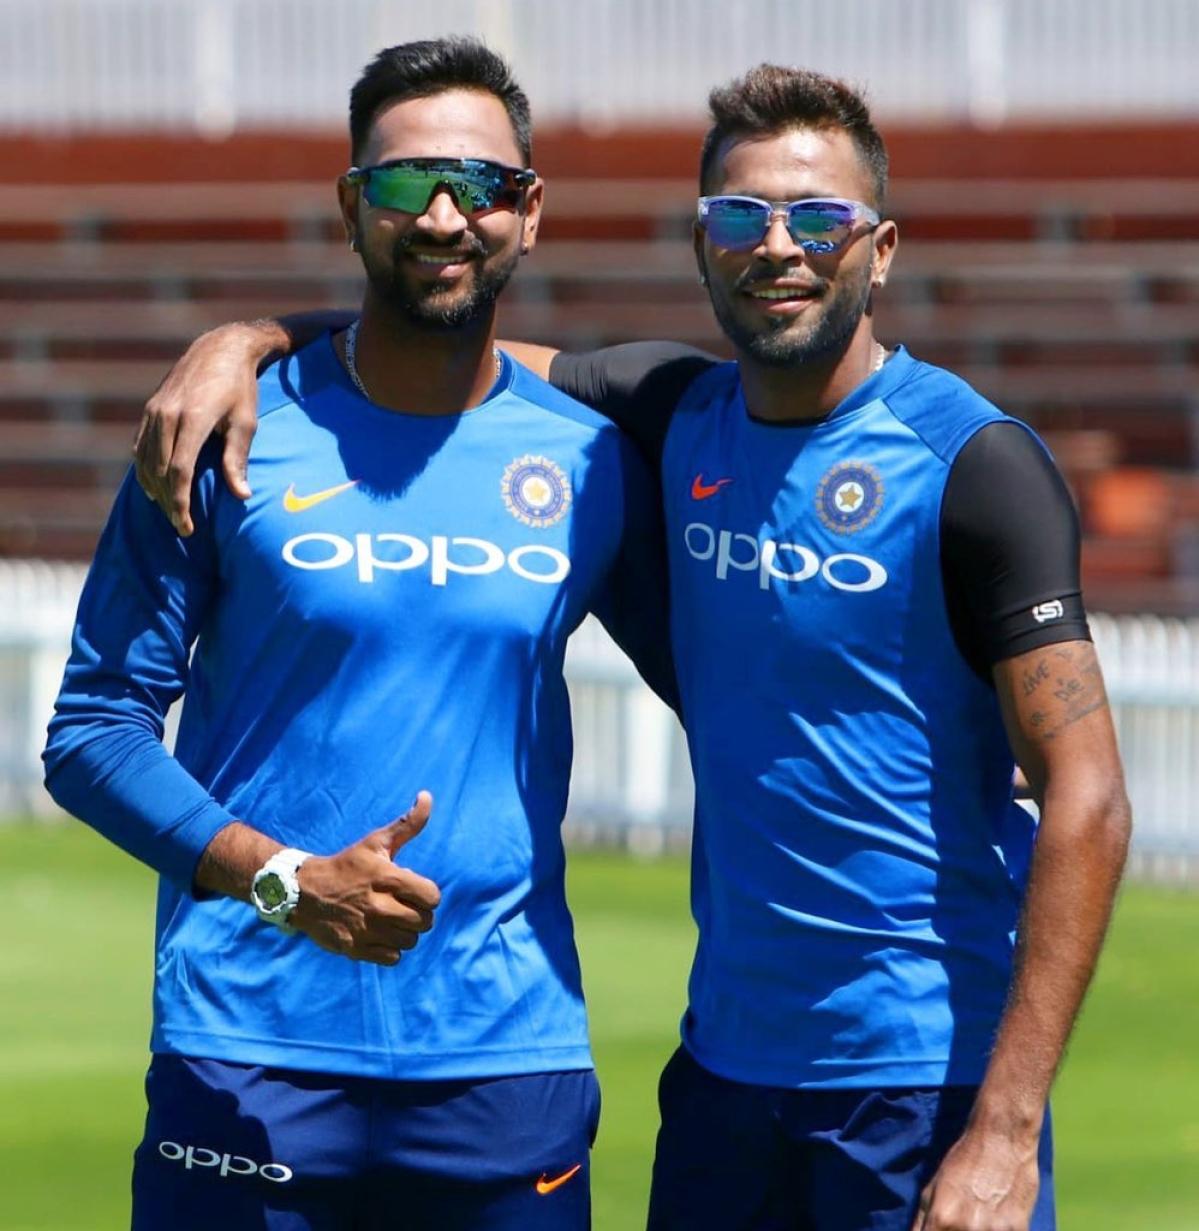 पांड्या ब्रदर्स की जुगलबंदी को भला कैन नहीं जानता. फैंस को इस बार भी आईपीएल में इन दोनों भाईयों से धमाल की उम्मीद है.